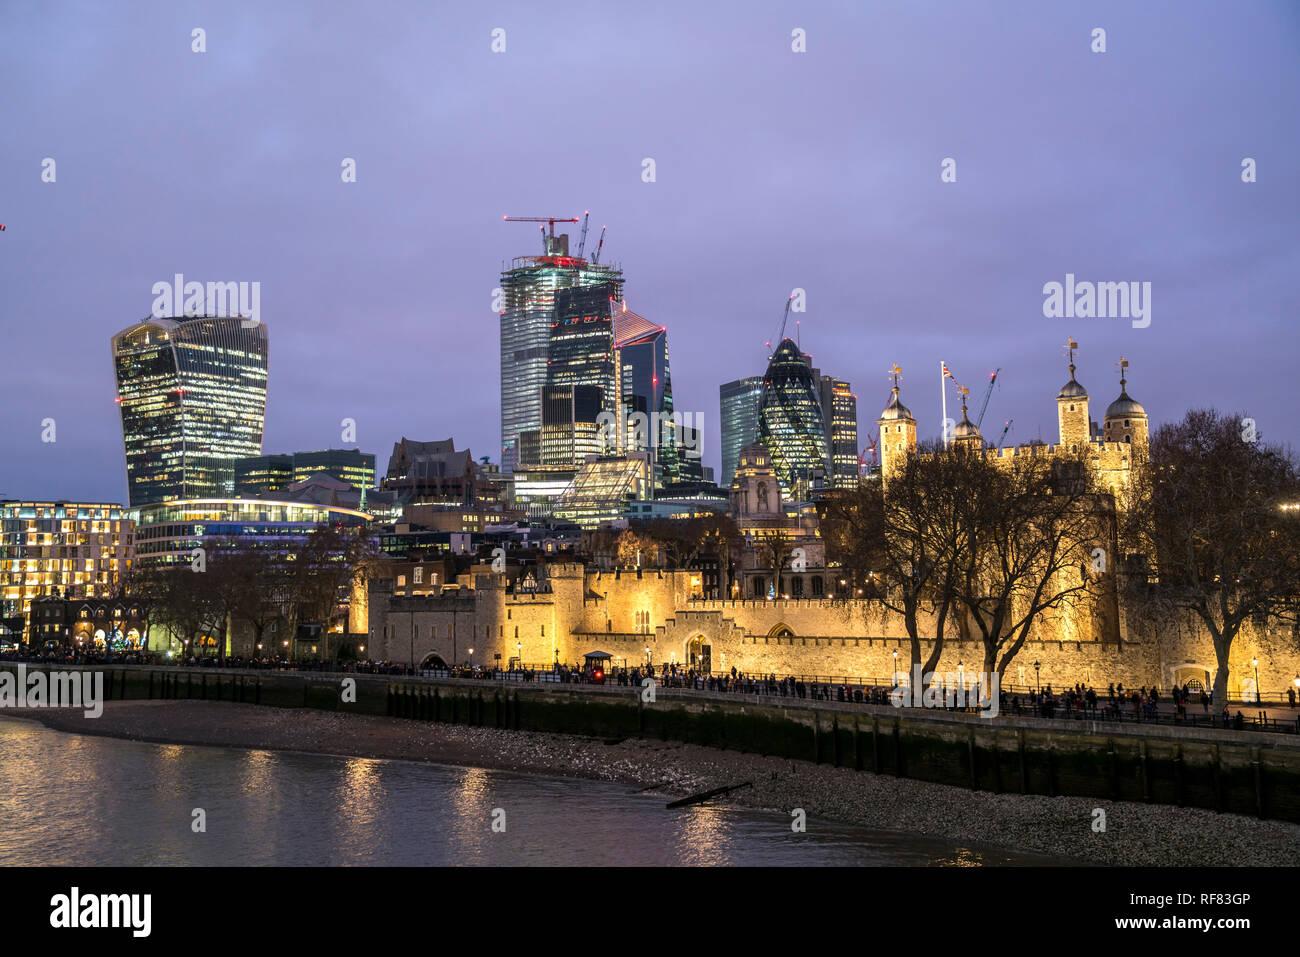 London Und Imágenes De Stock London Und Fotos De Stock Alamy